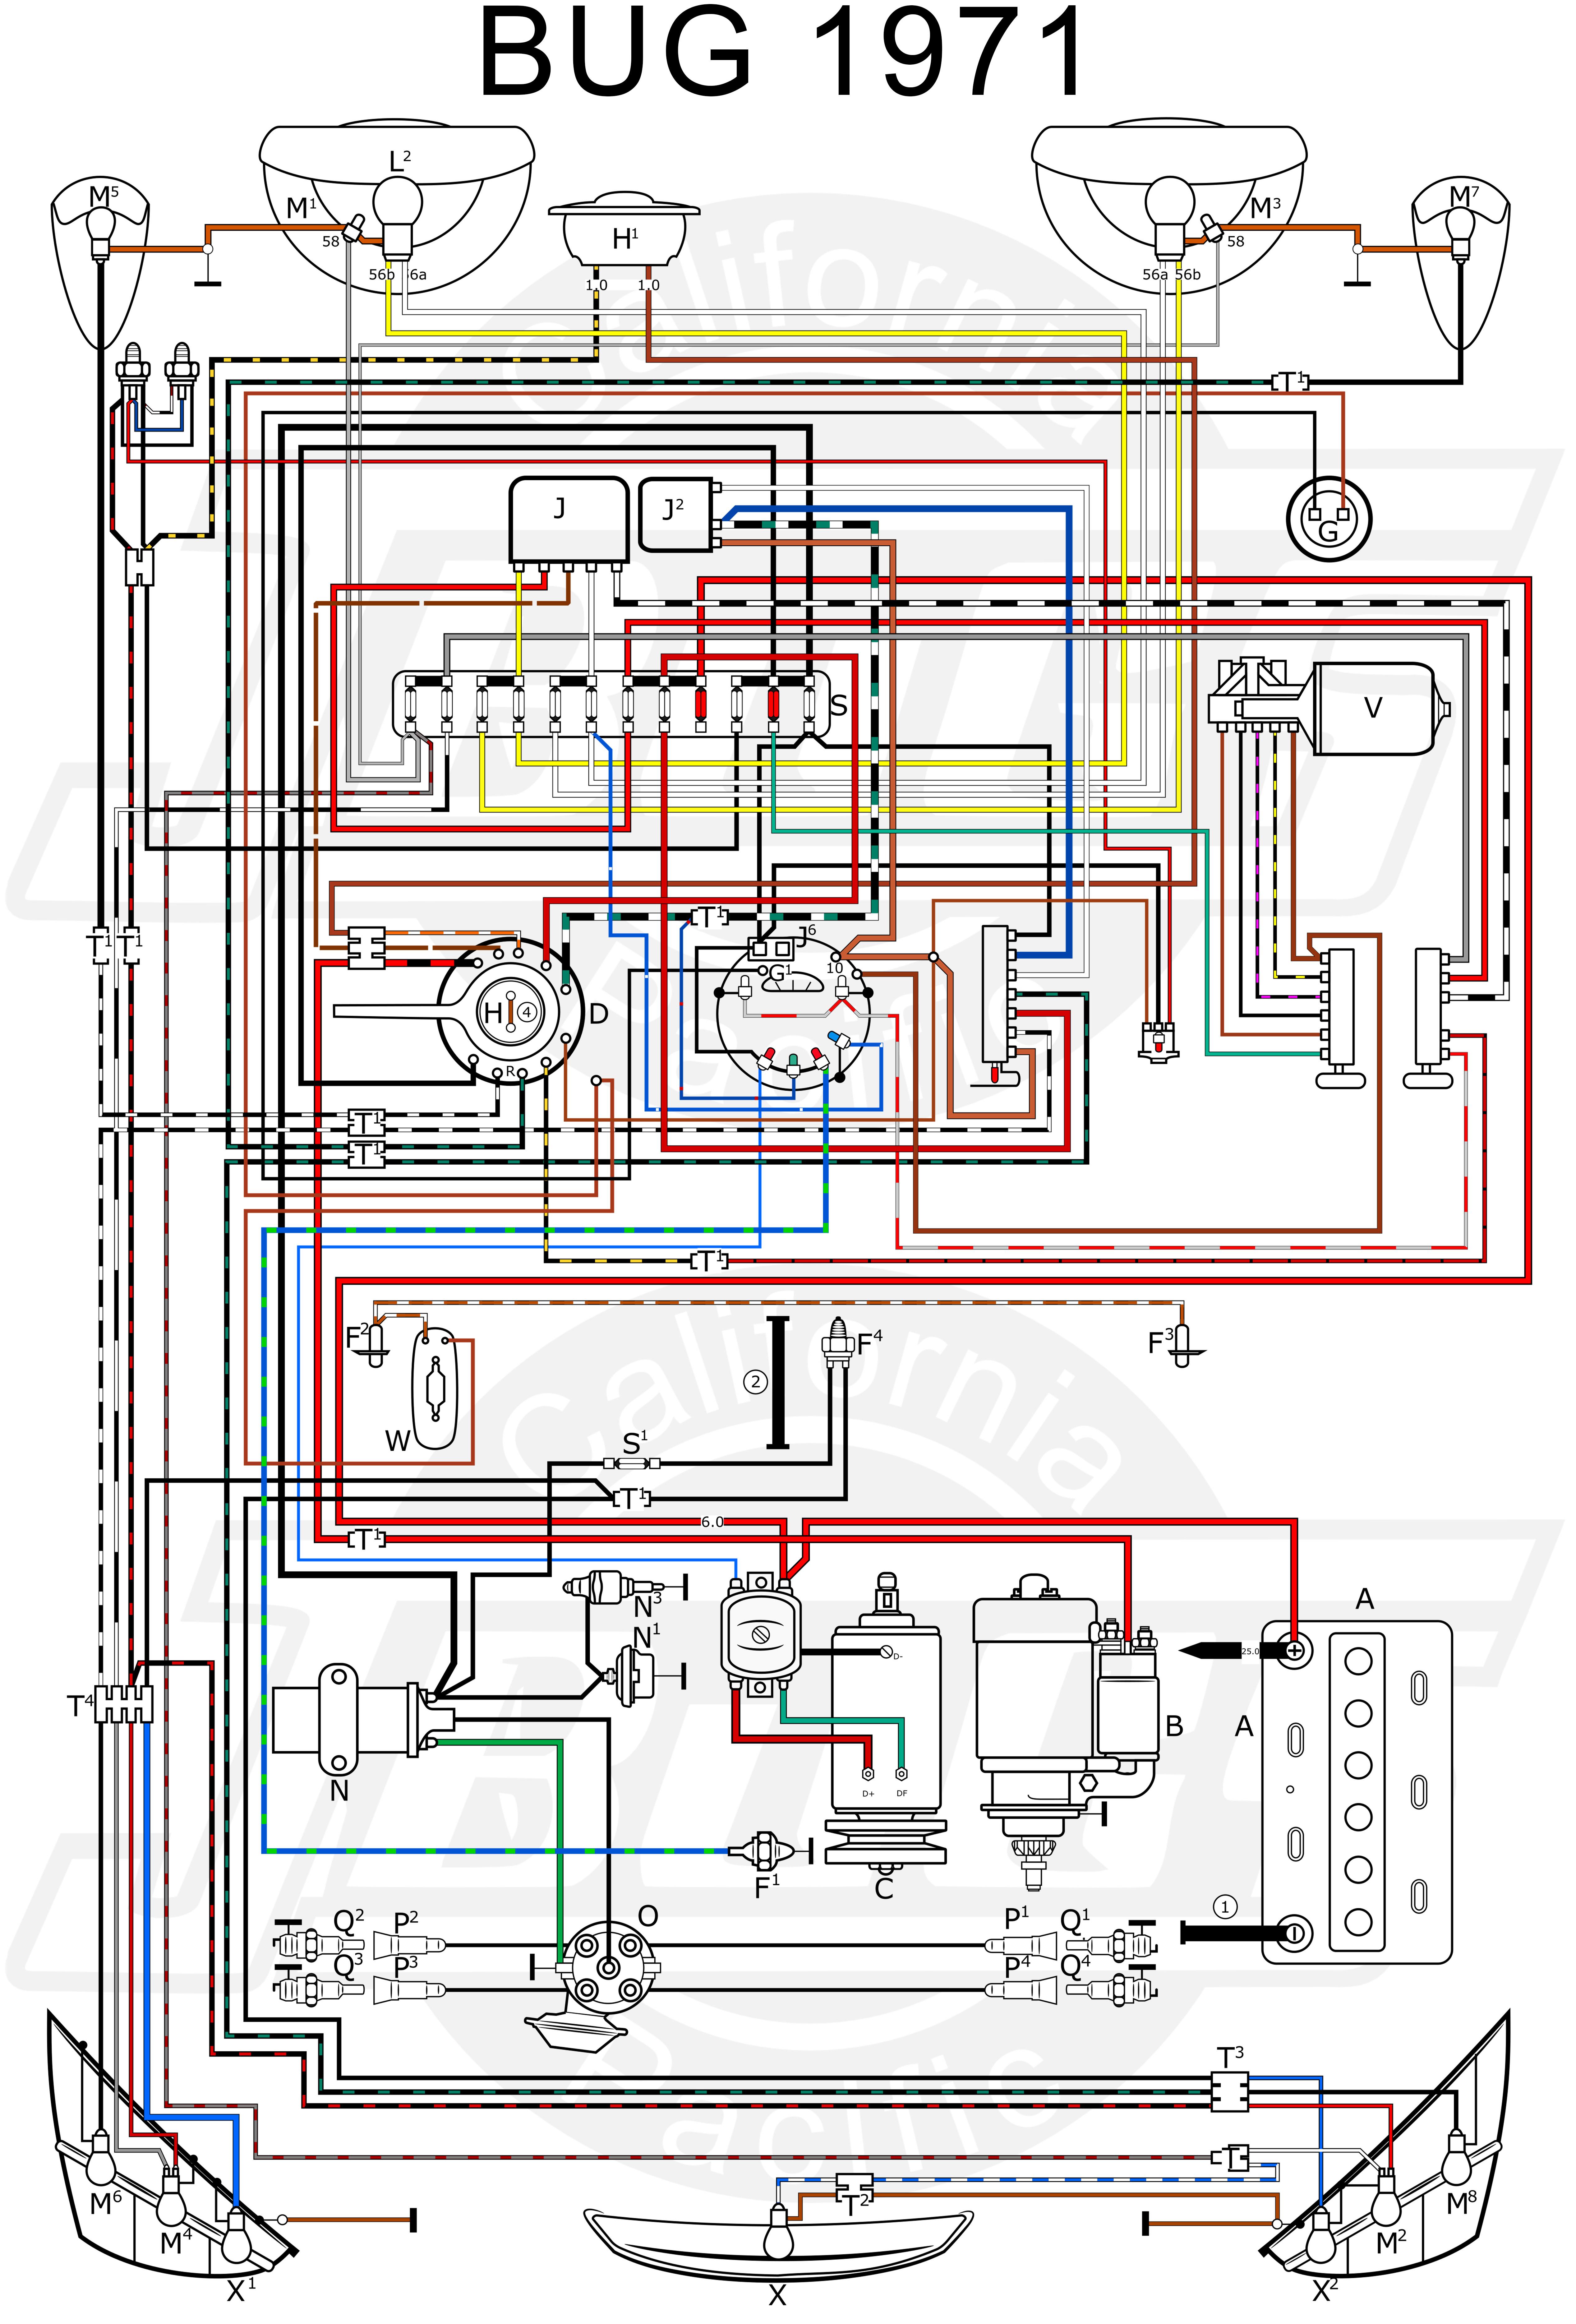 71 Vw Super Beetle Wiring Diagram